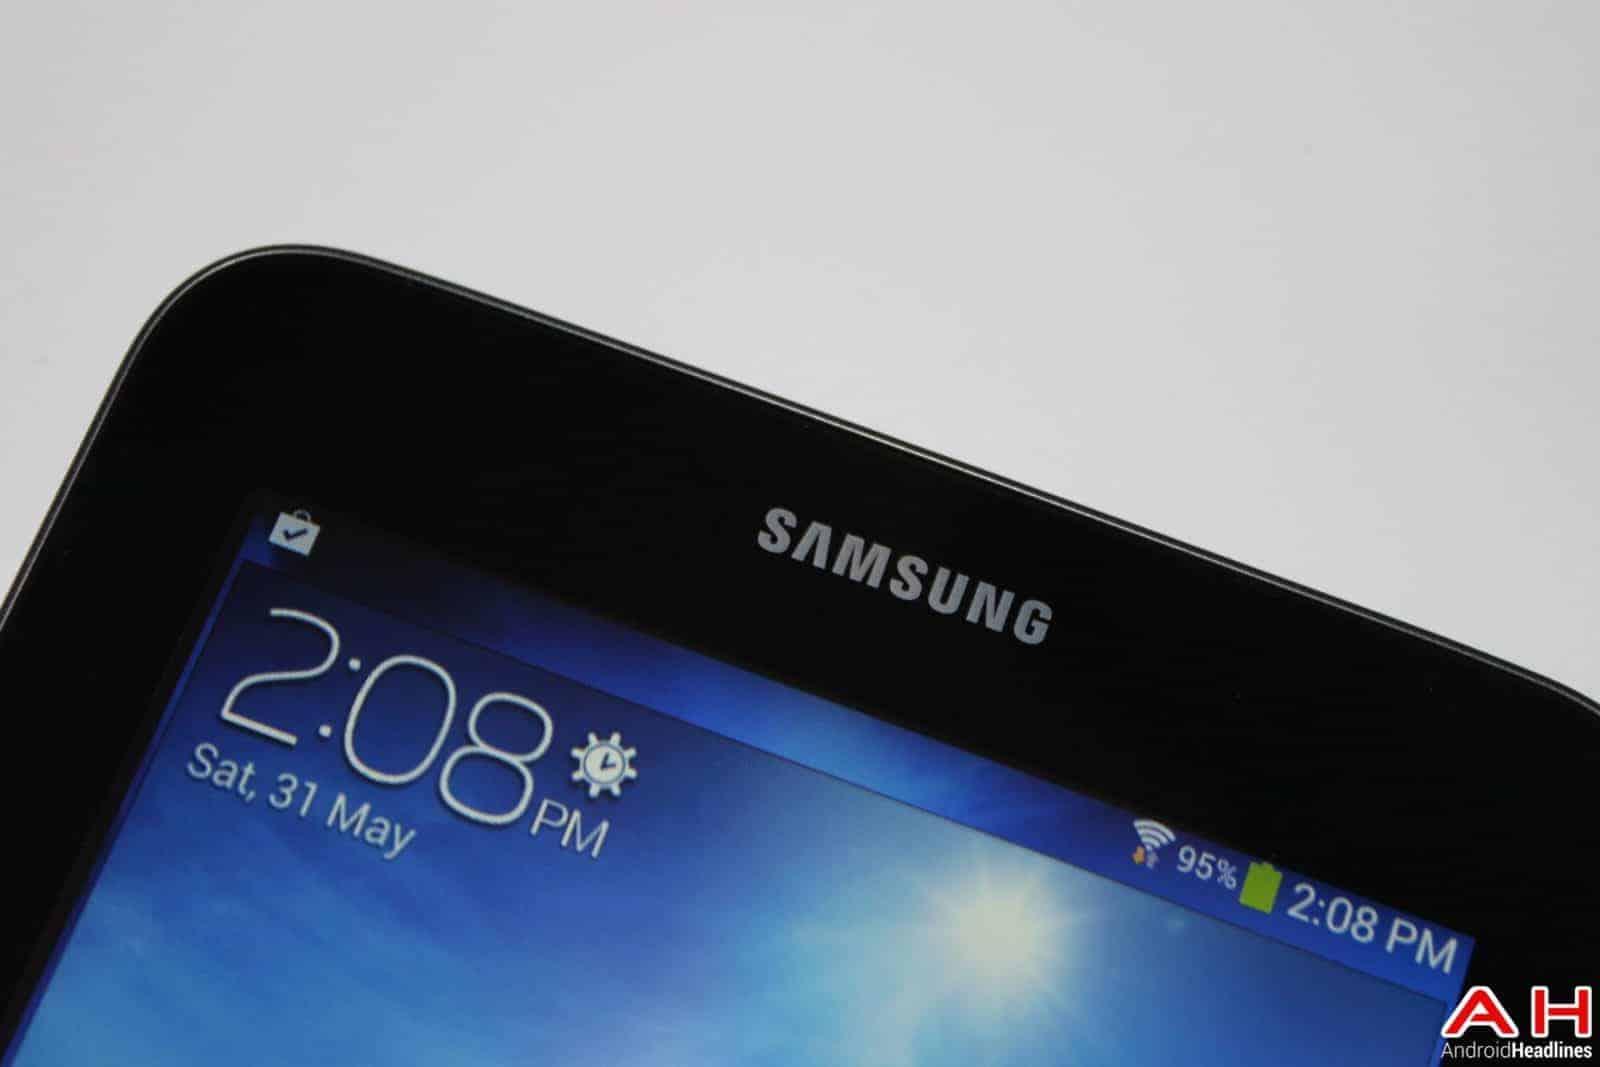 AH Samsung Logo 4.9 May 31 2014